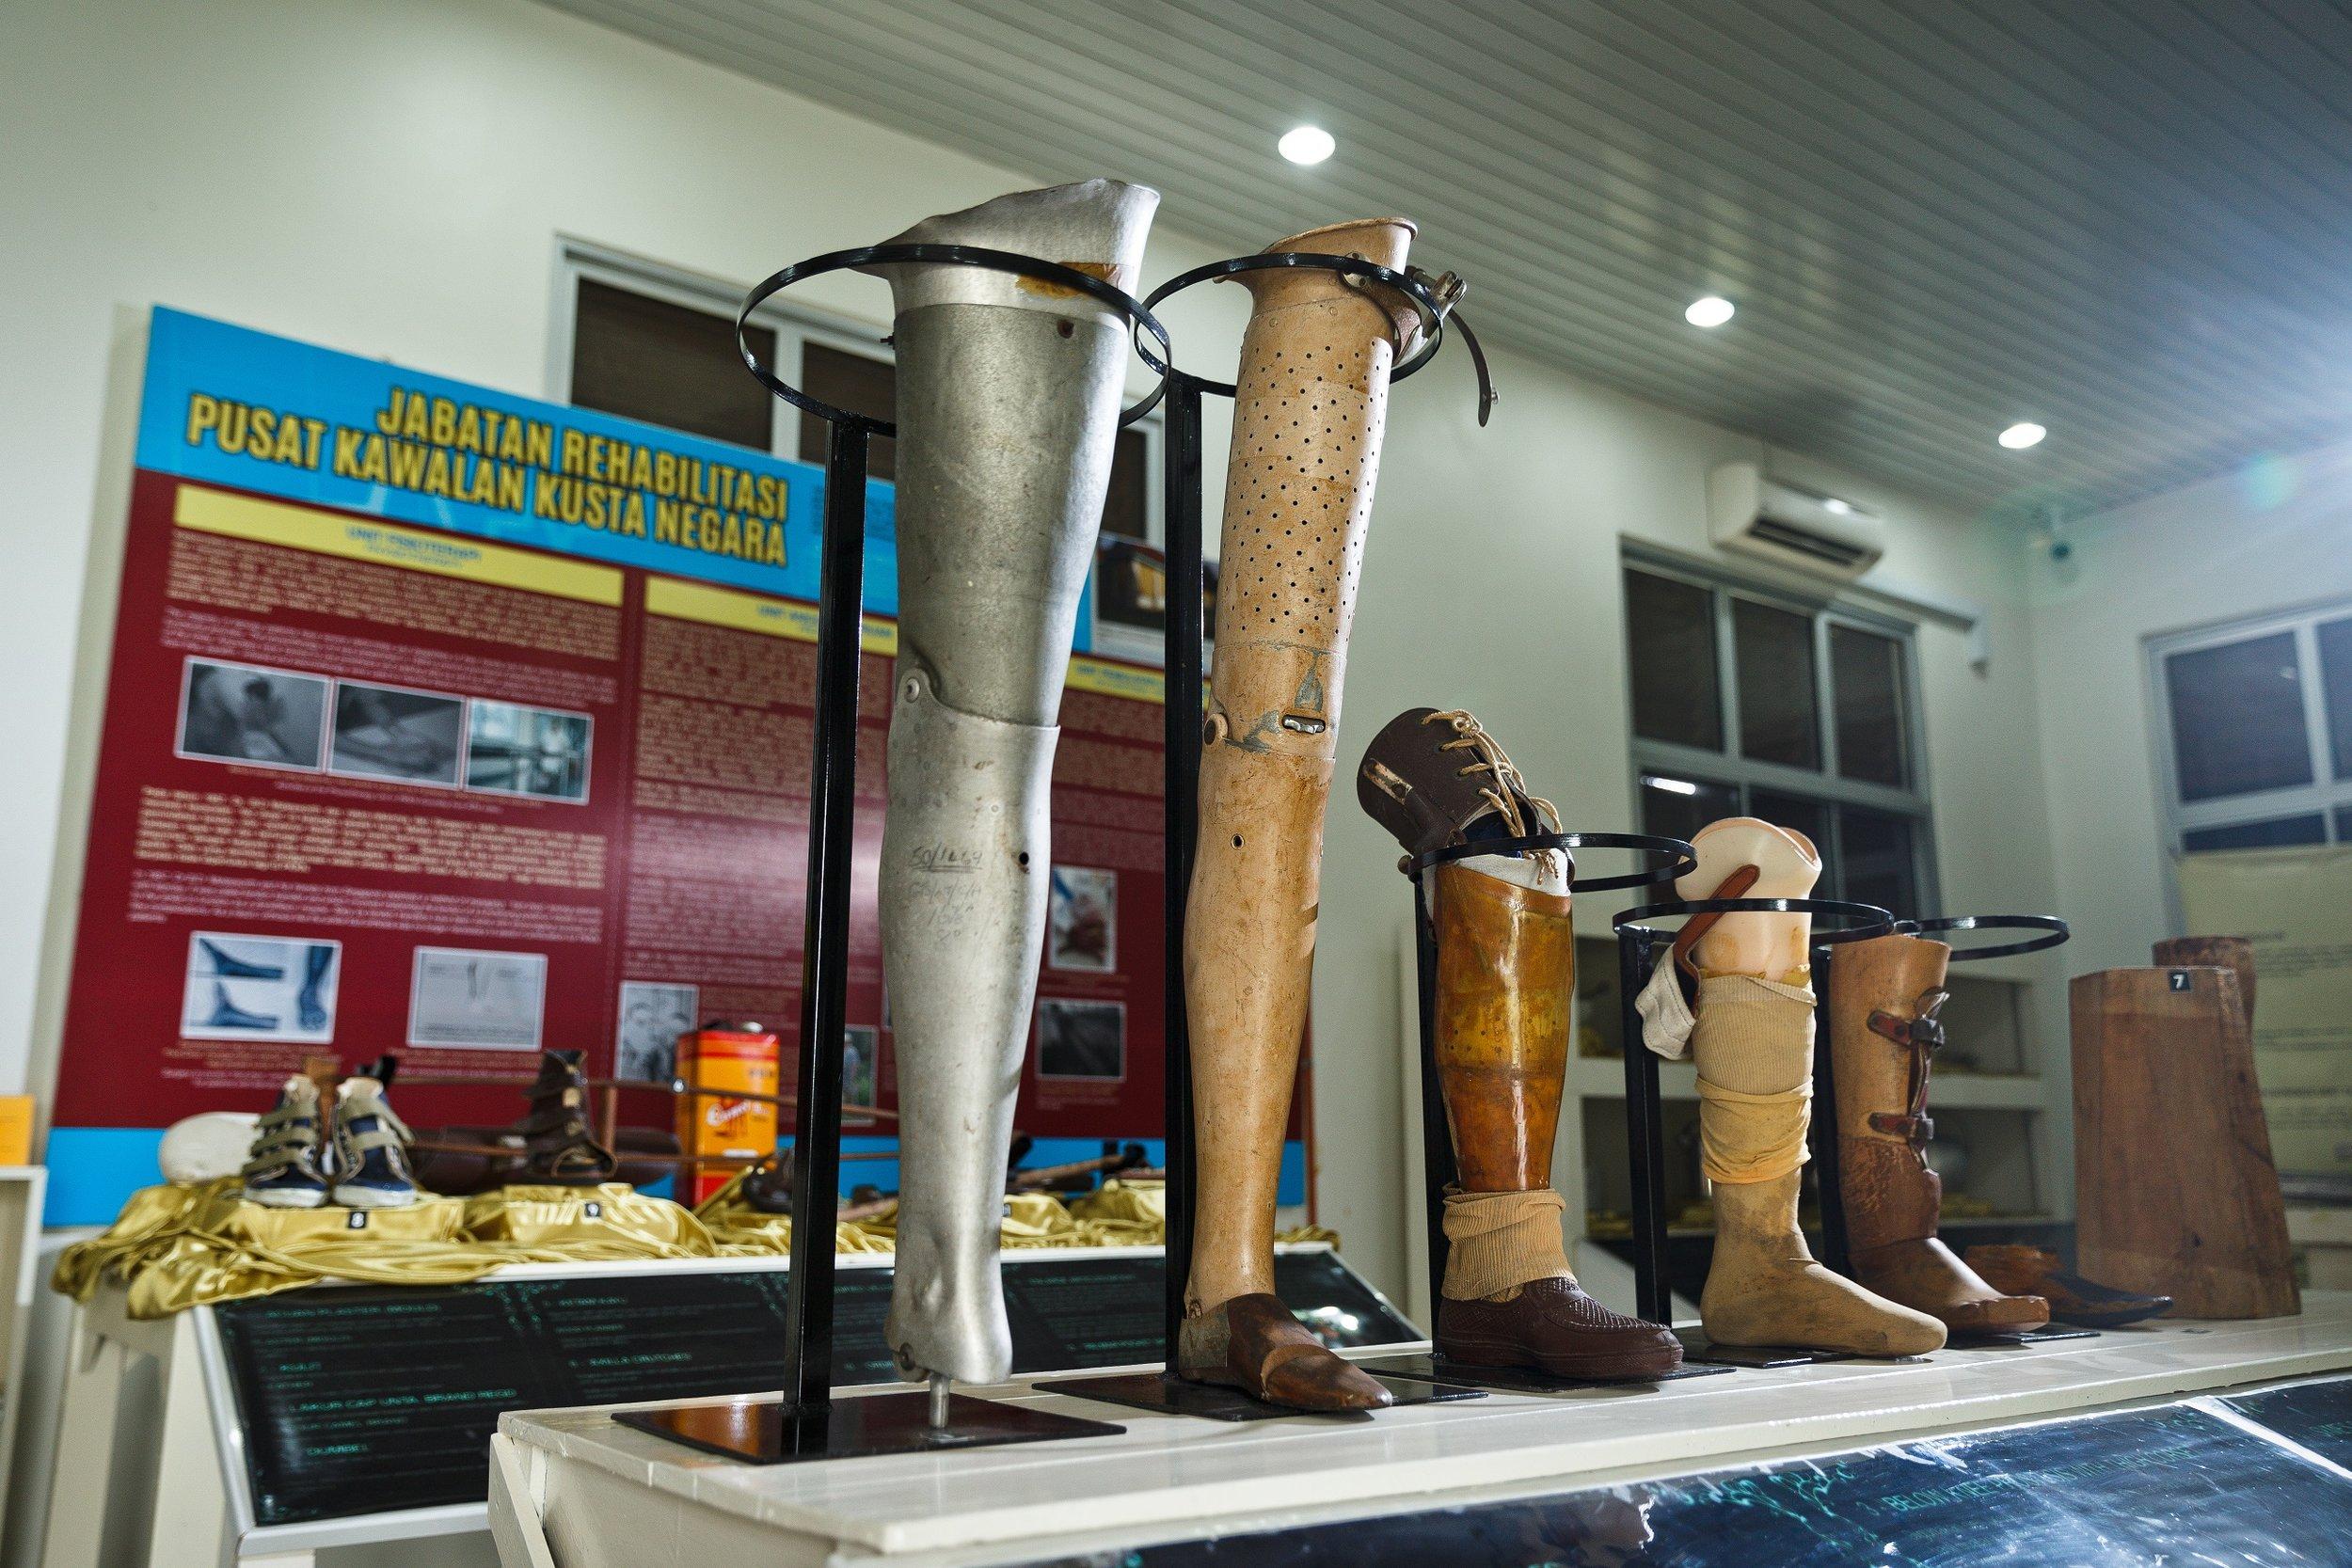 文物馆内陈列的义肢。  (陆奕萌 摄)